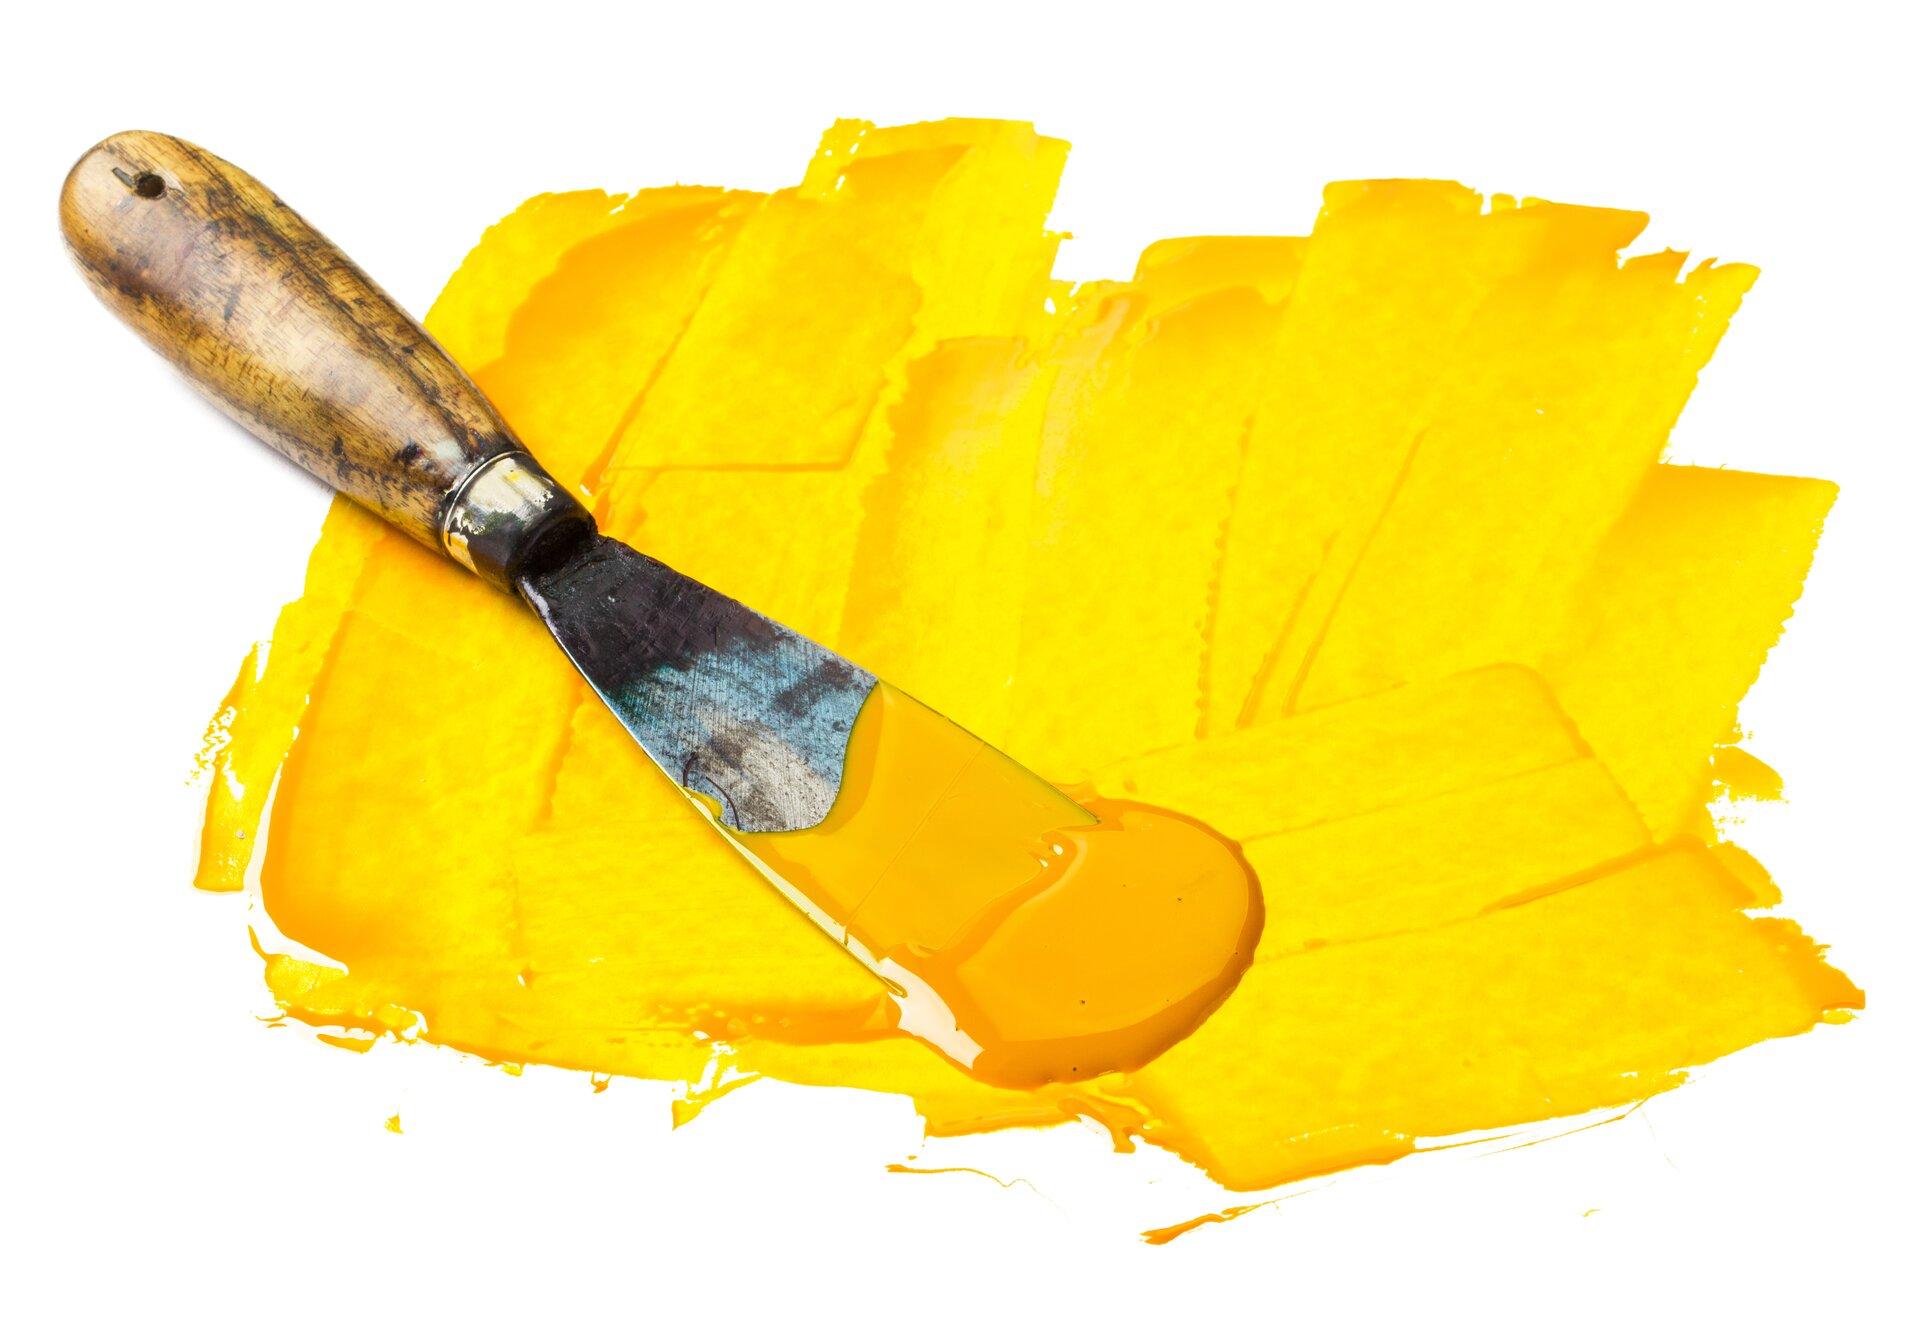 Ilustracja jest fotografią żółtej plamy barwnej,nakładanej szpachlą malarską. Gruba warstwa farby jest nakładana wróżnych kierunkach.